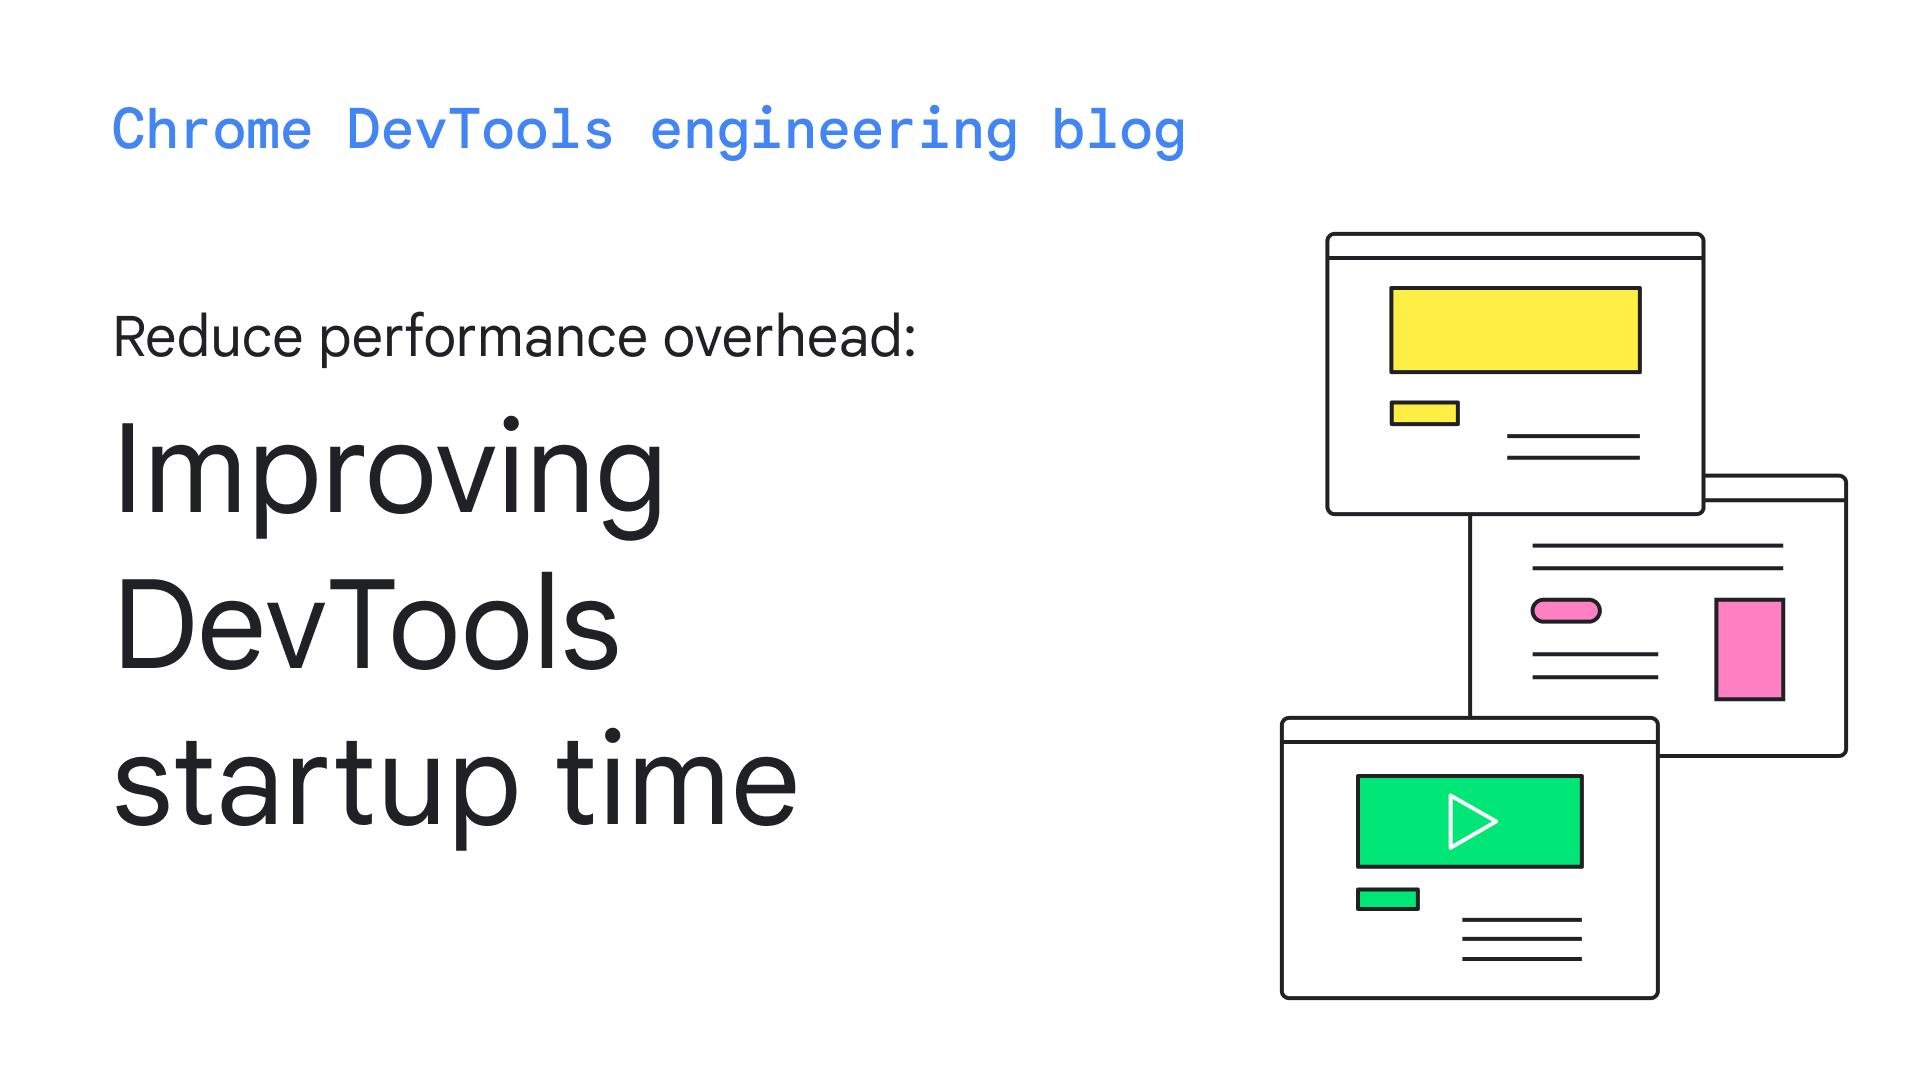 Improving DevTools startup time